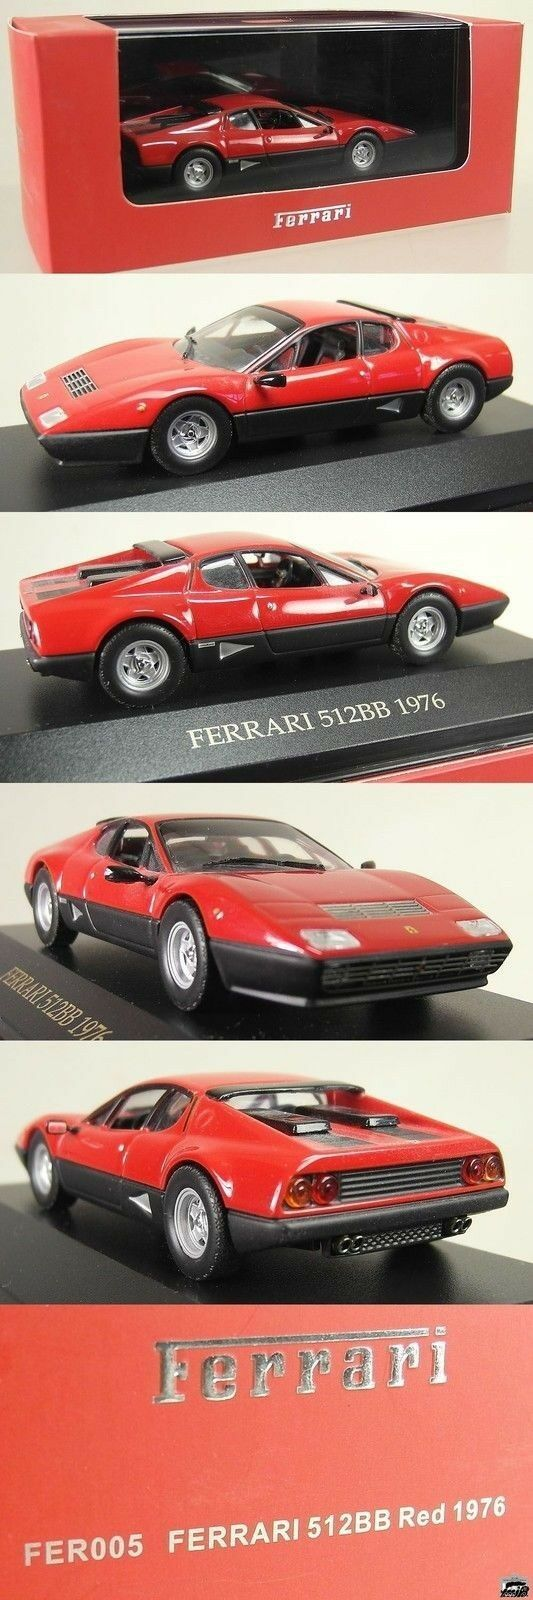 At341   IXO MODELS IXOMODELS 1 43 fer005-Ferrari 512 BB 1976  NOUVEAU